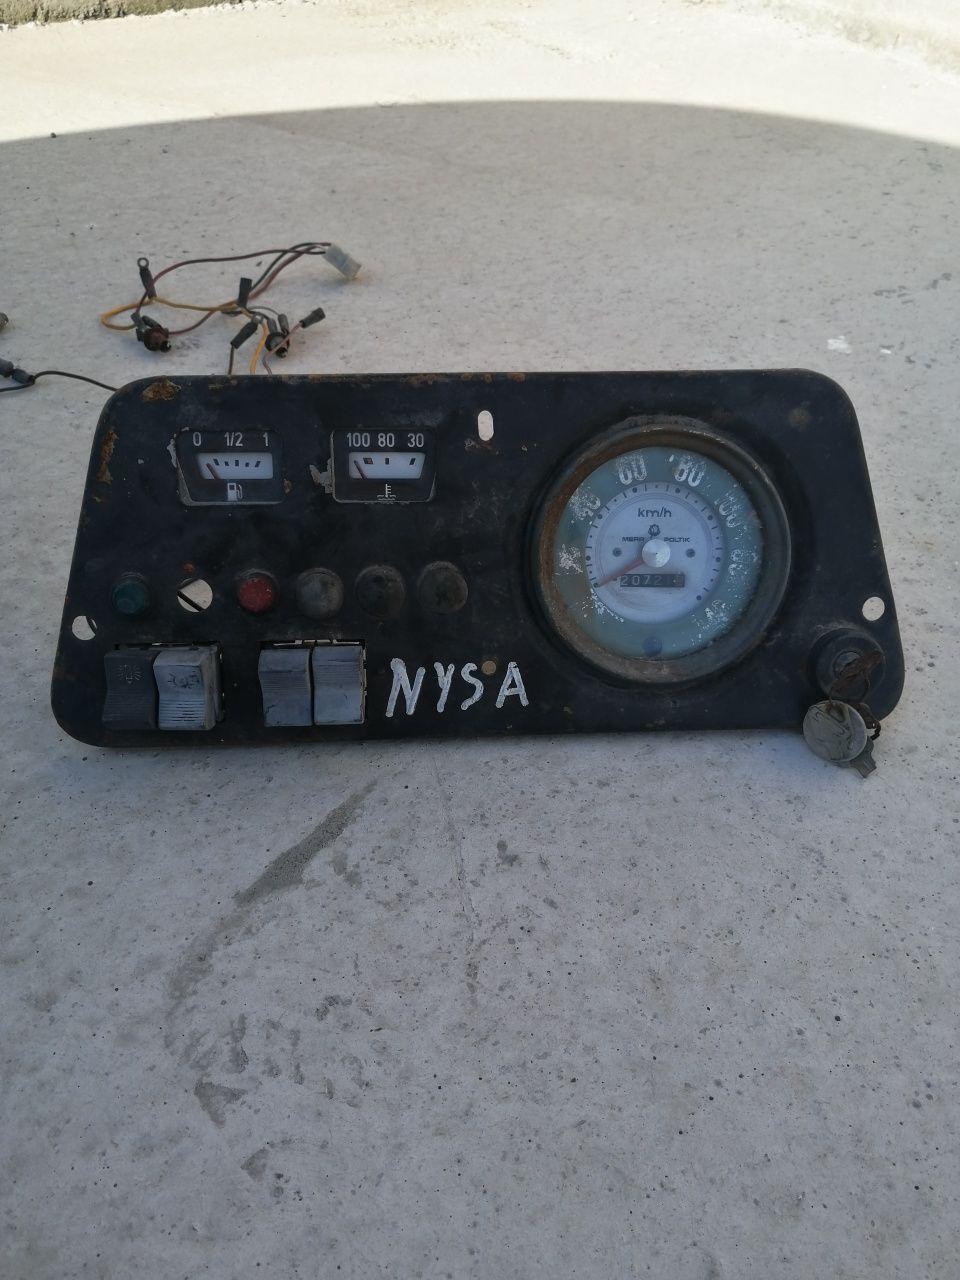 Konsola licznik stacyjka kontrolki wskaźniki  Nysa 522